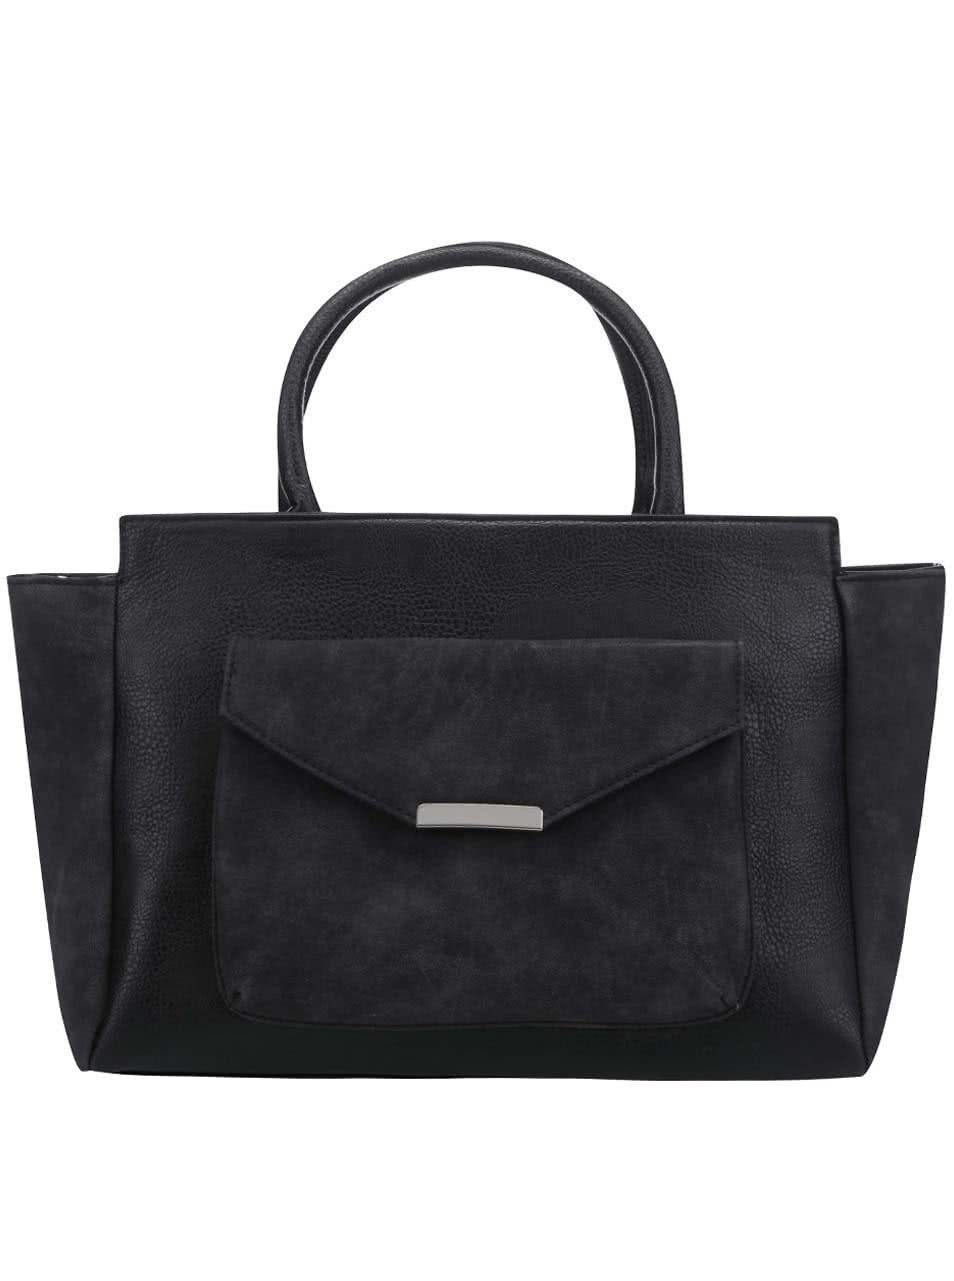 Čierna kabelka do ruky so semišovými detailmi Pieces Paura ... 8e6abdb937e